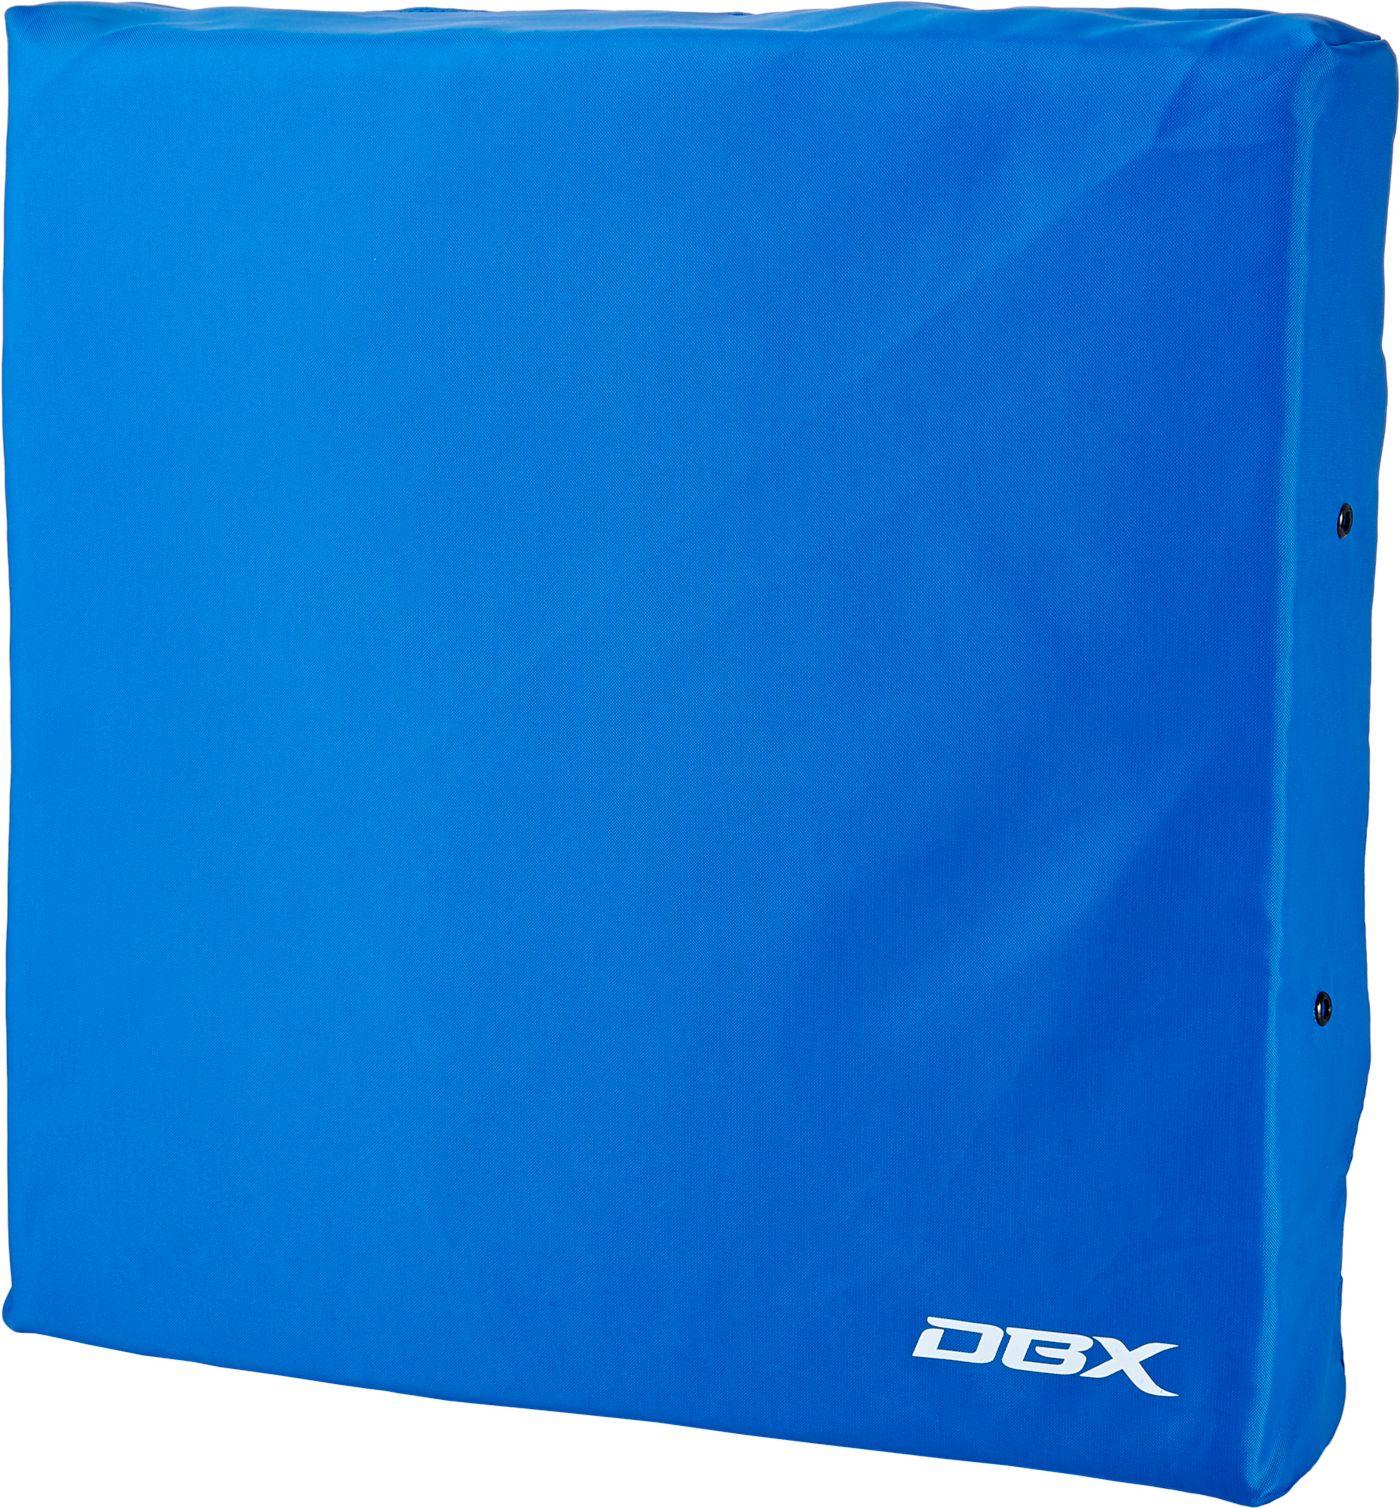 DBX Floating Throw Cushion